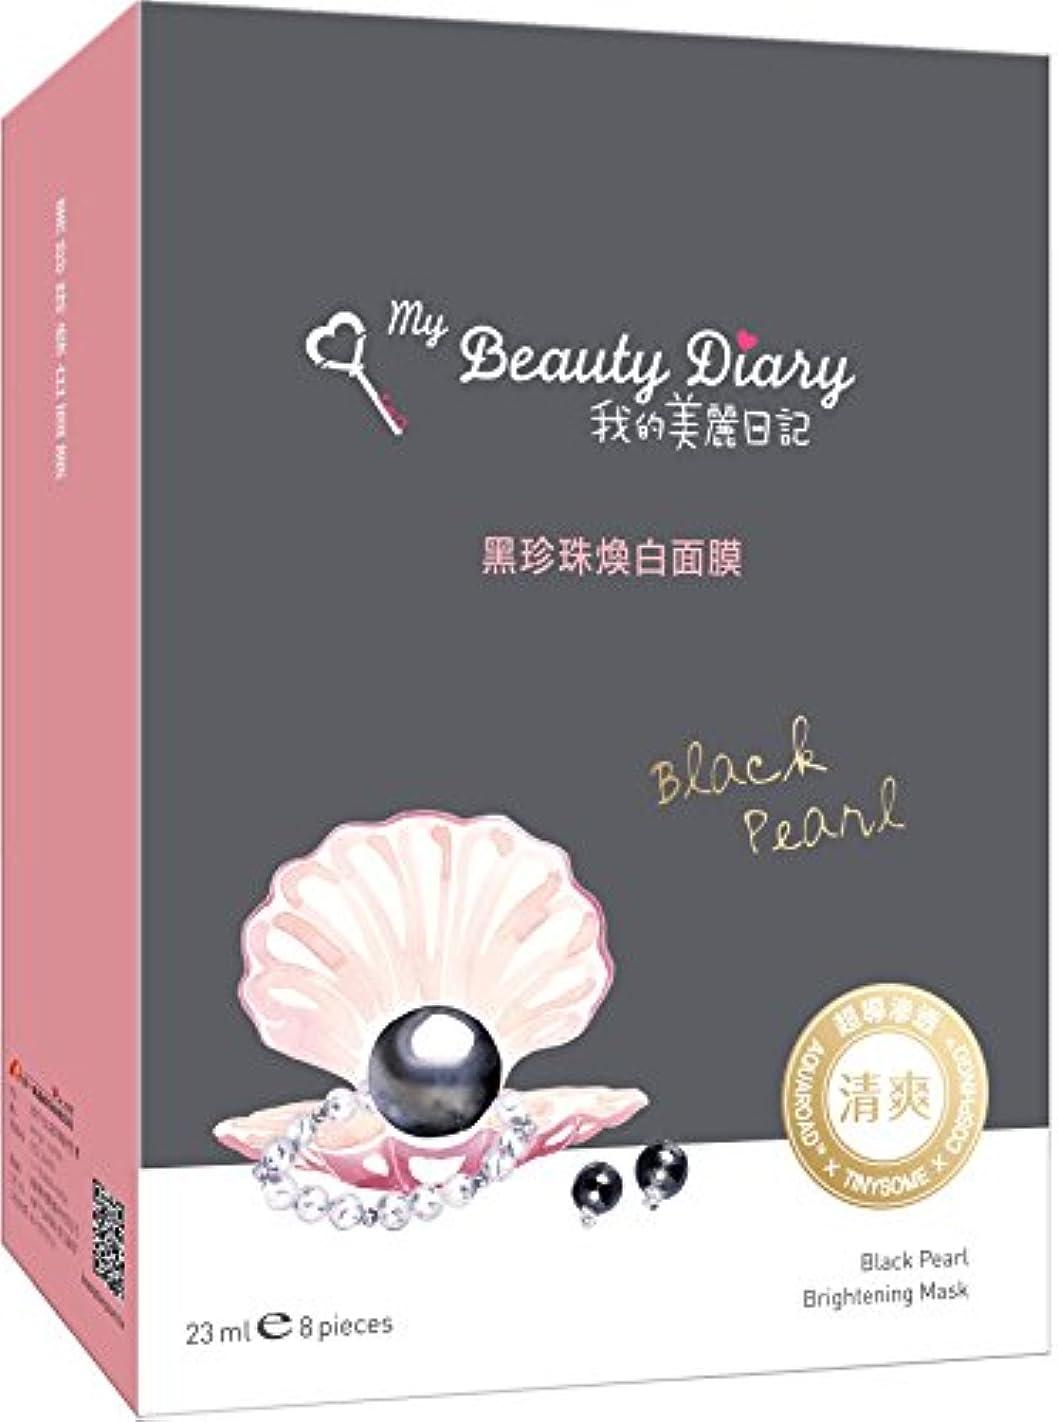 絡み合い道徳の落胆する我的美麗日記 私のきれい日記 黒真珠マスク 8枚入り [並行輸入品]